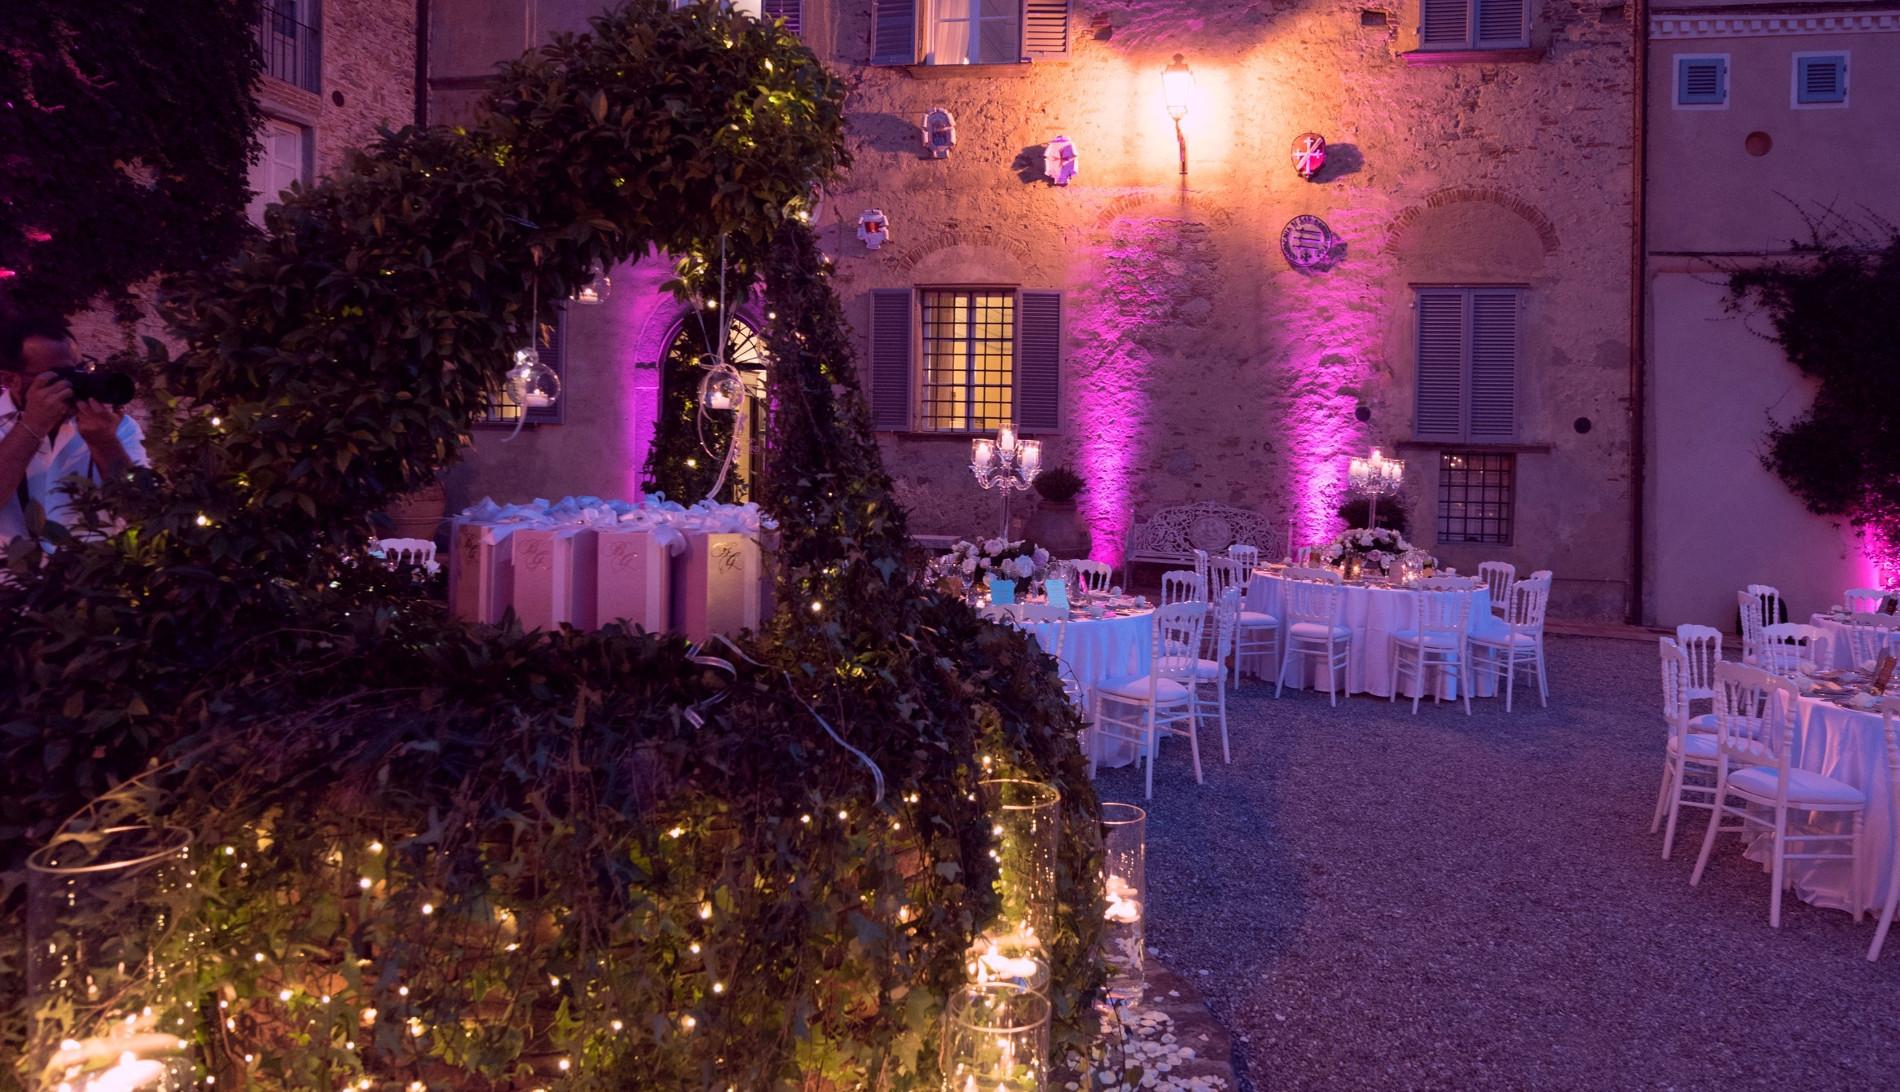 Luci a Villa Scorza by Eliteeventi